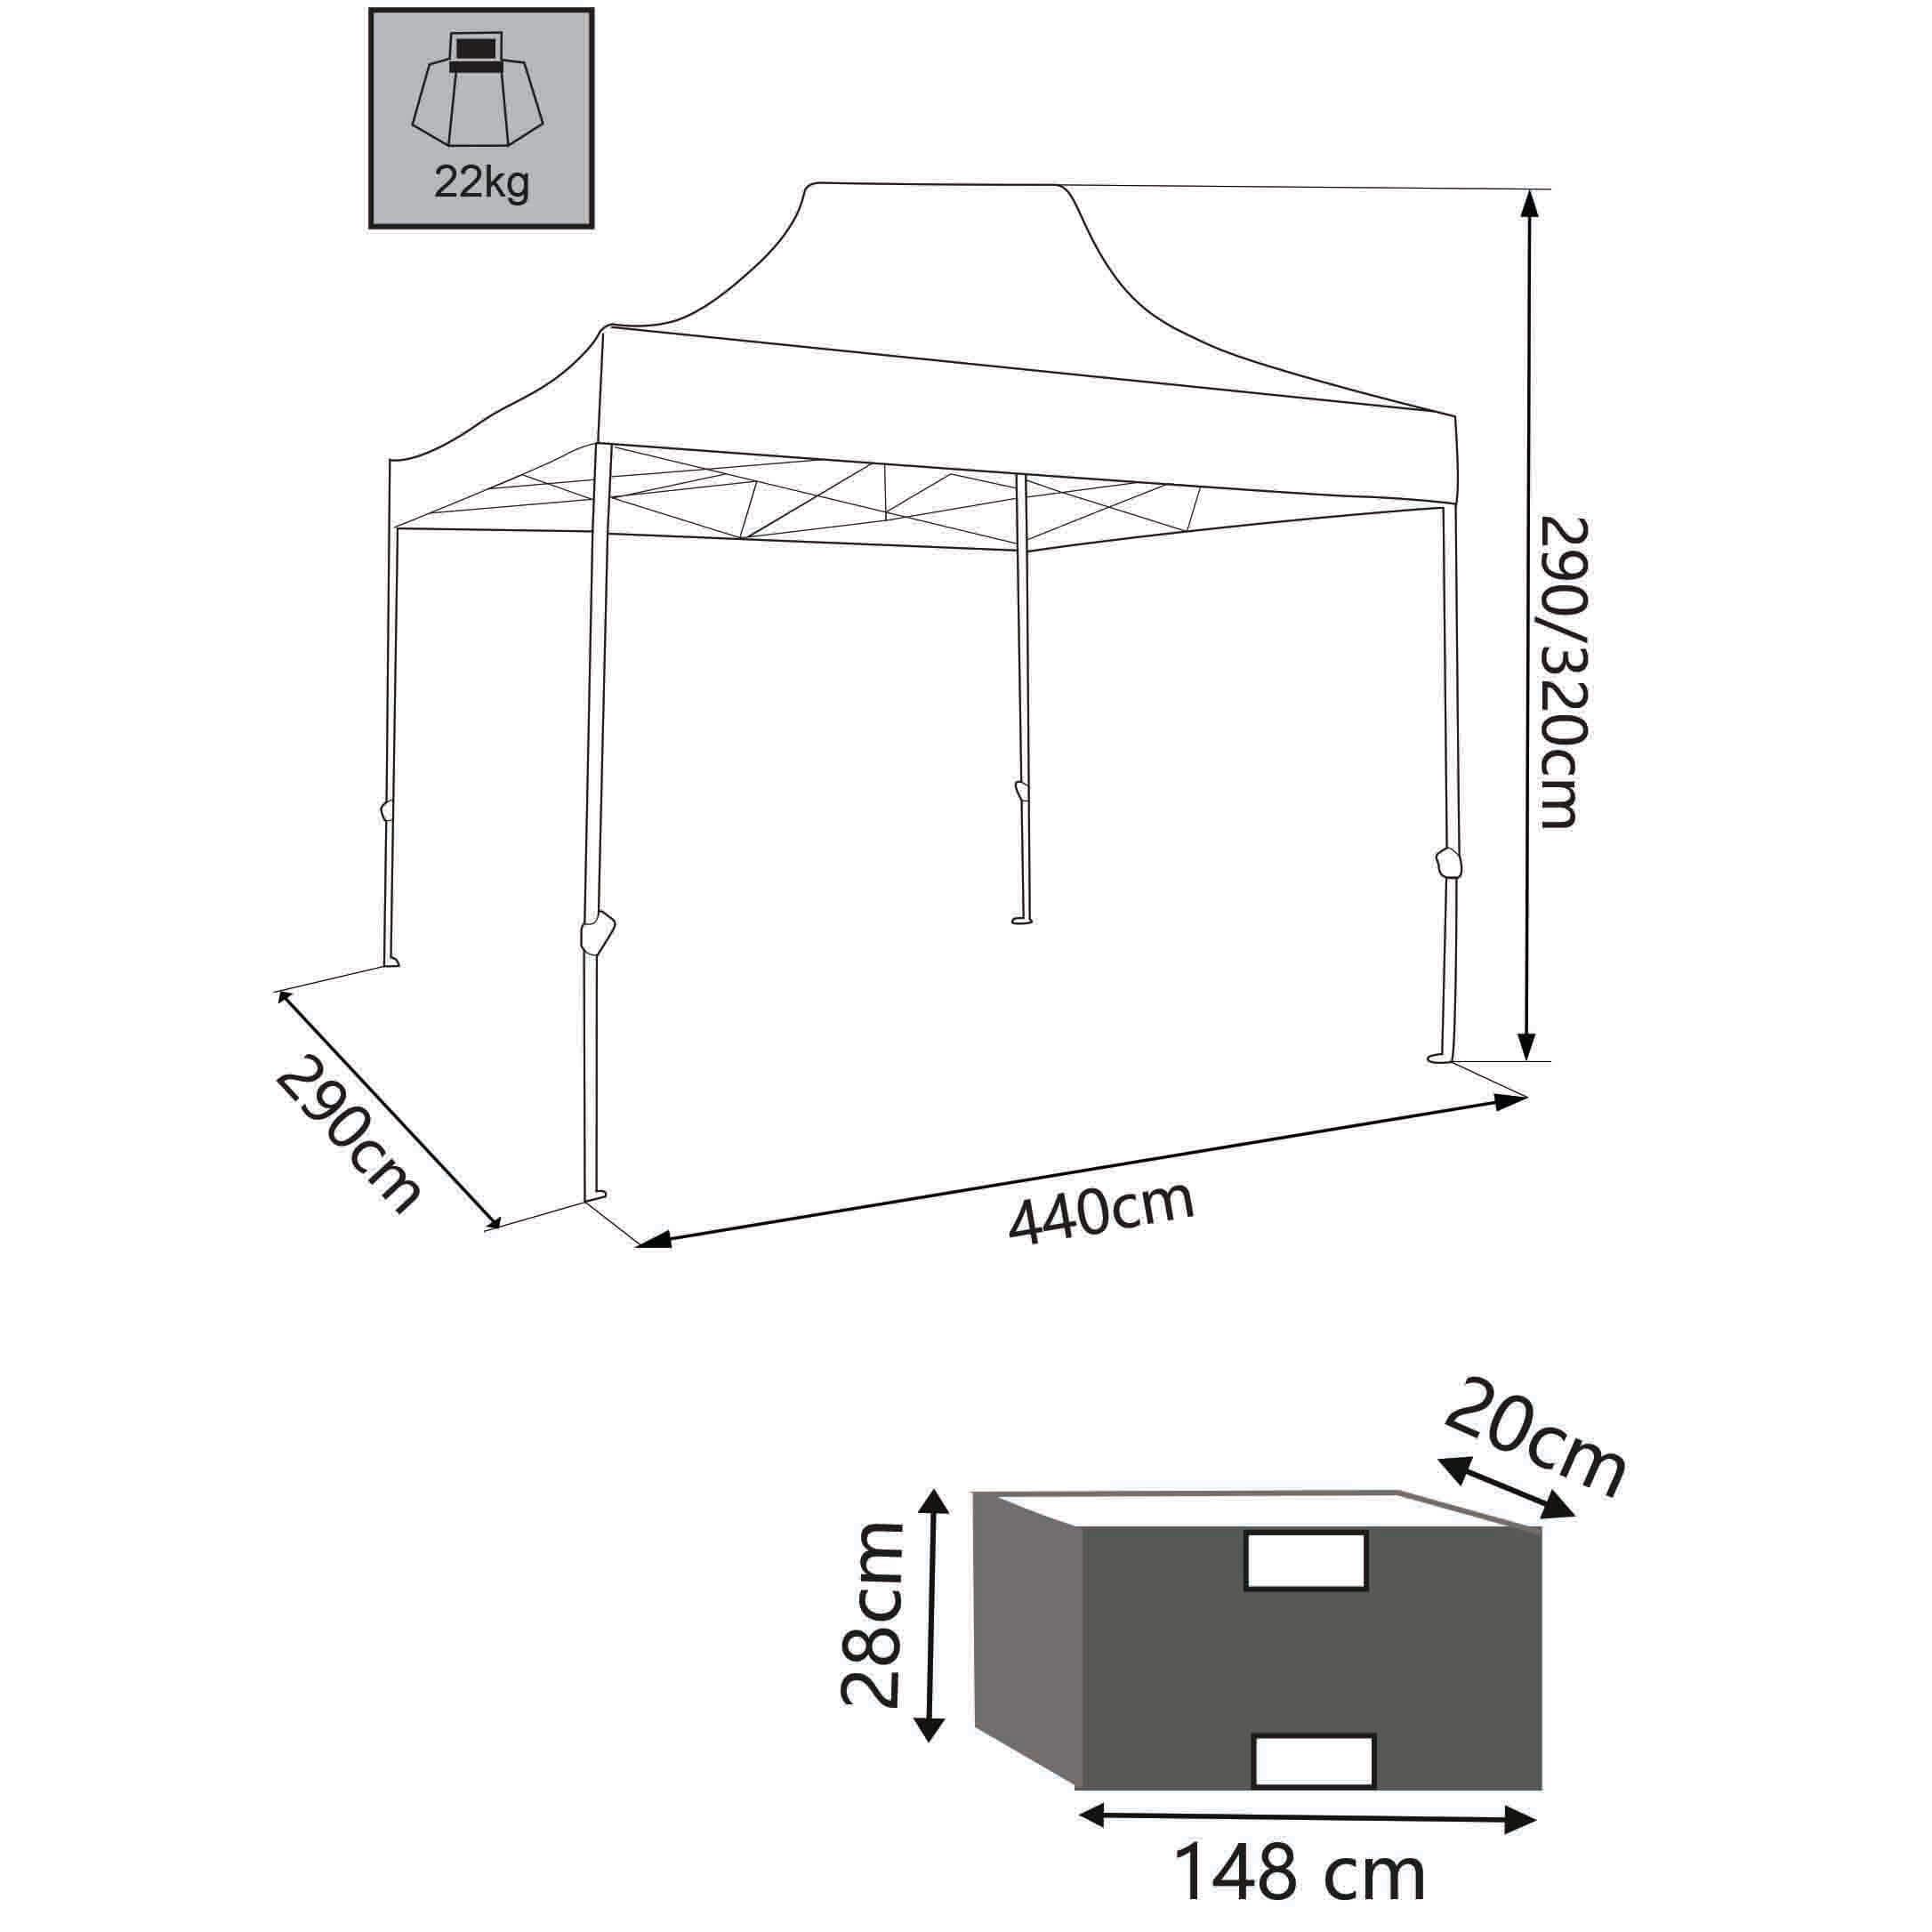 Milani Home IRIS - gazebo pieghevole e richiudibile completo  di sacca protettiva 3 x 4,5 in metallo